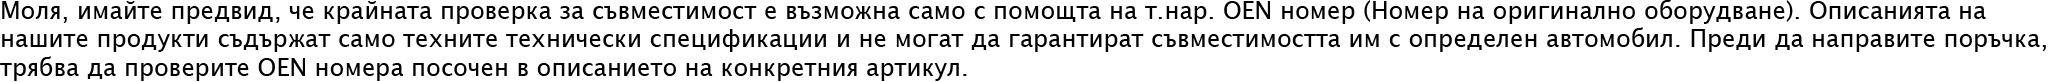 RIDEX 1E0698451, 1E0698451B, 1E0698451C, 1E0698451D, 1E0698451E Комплект спирачно феродо, дискови спирачки